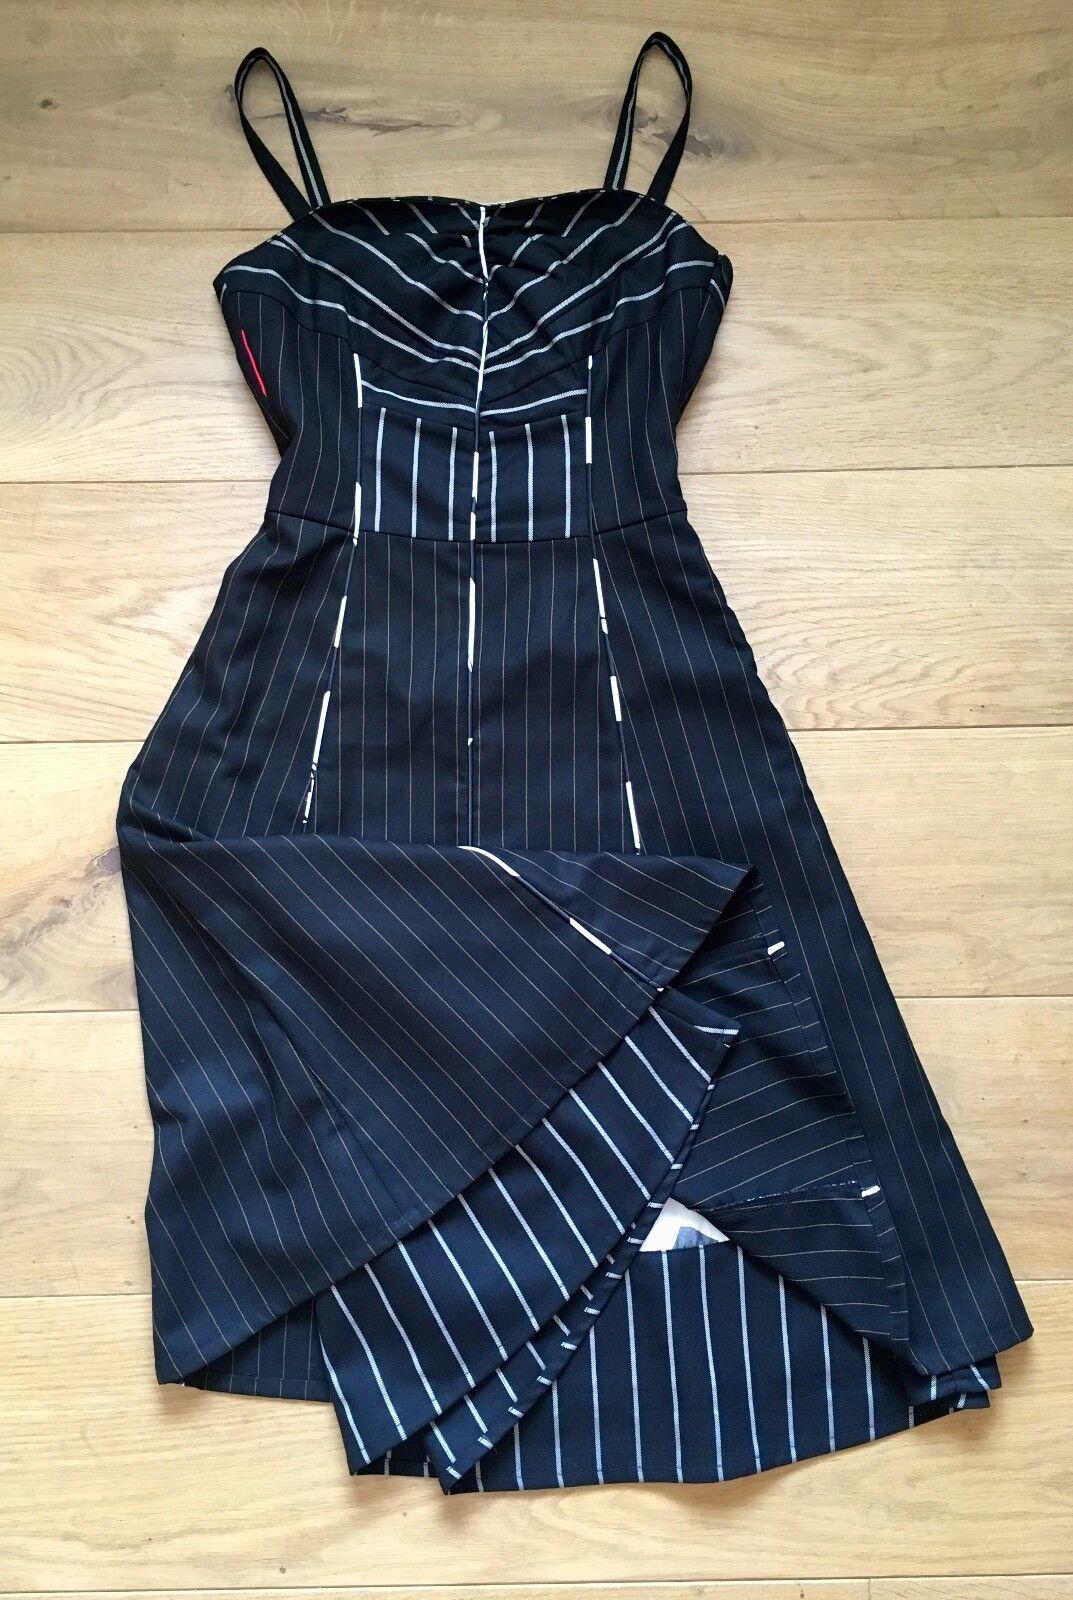 St-Martins Kleid Business Nadelstreifen schwarz  XS 32 34  abnehmbare Träger